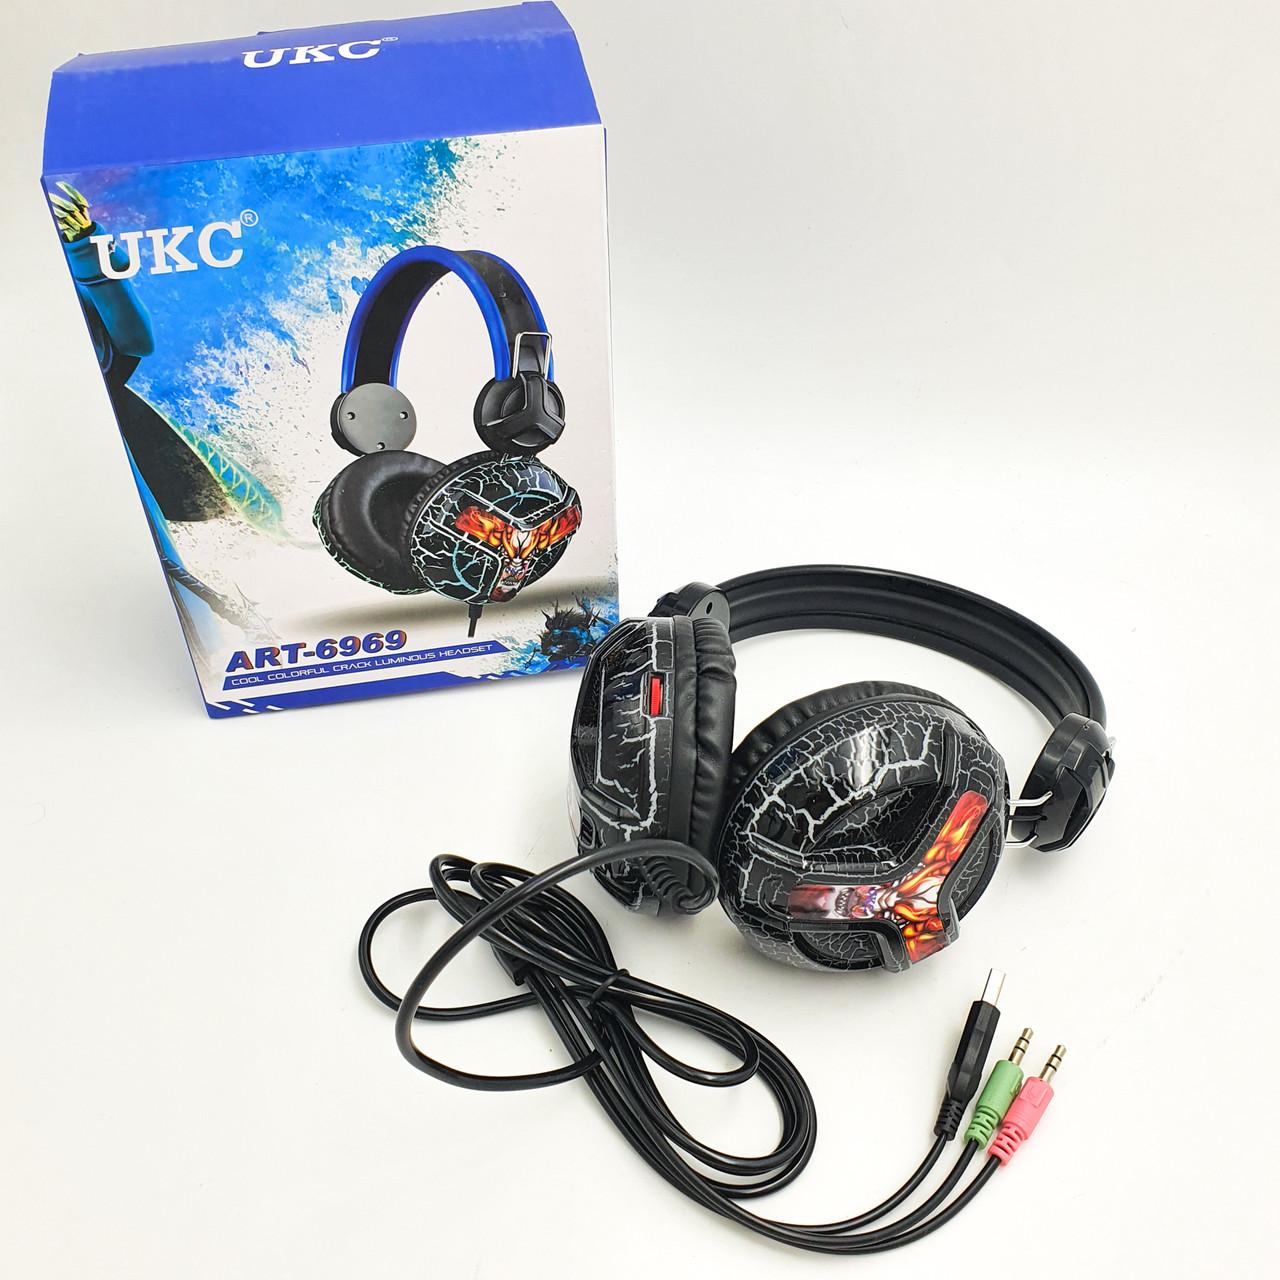 Ігрові навушники з мікрофоном дротова гарнітура UKC 6969 чорний